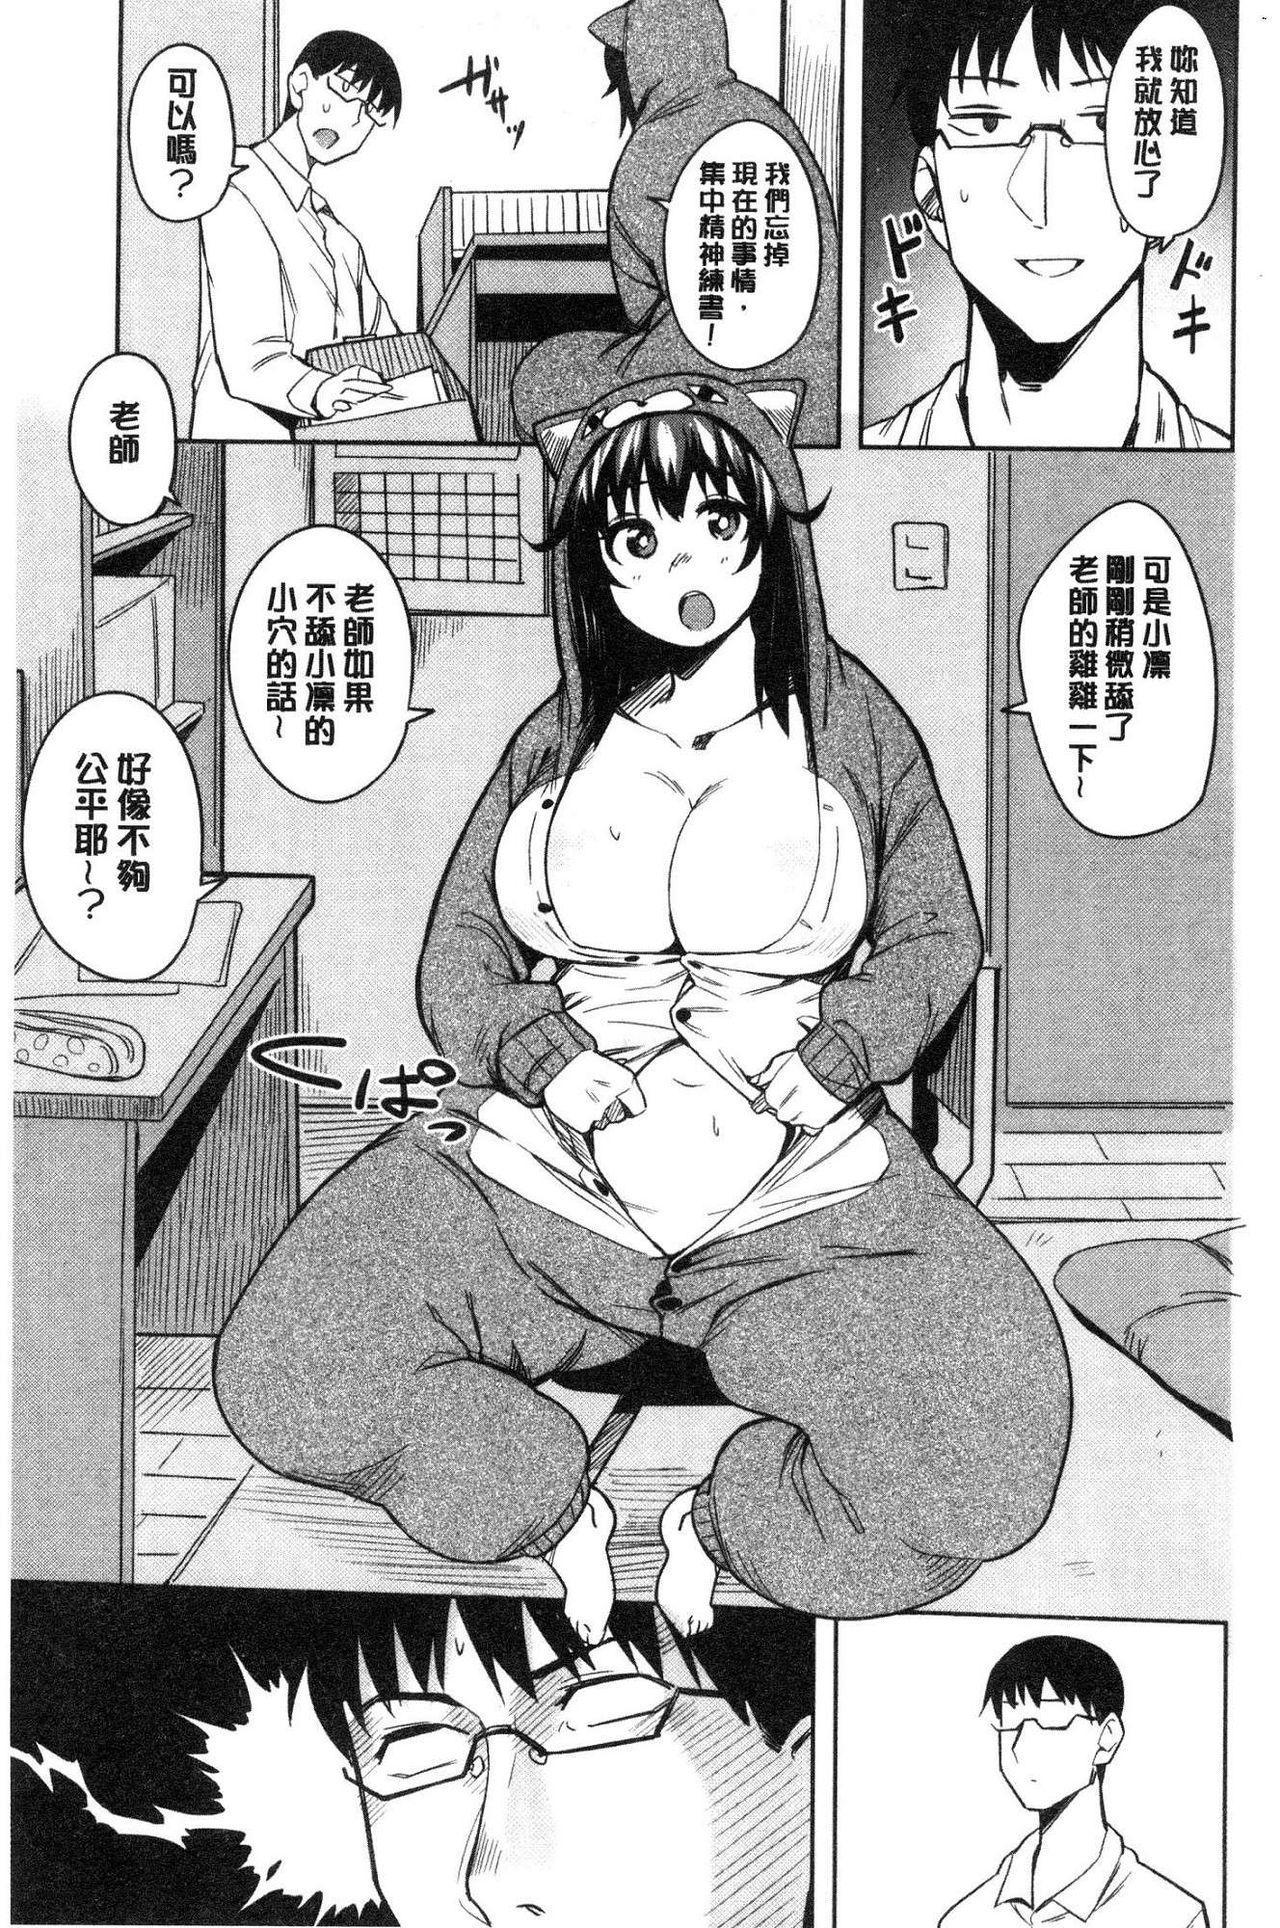 Fuwa toro 10